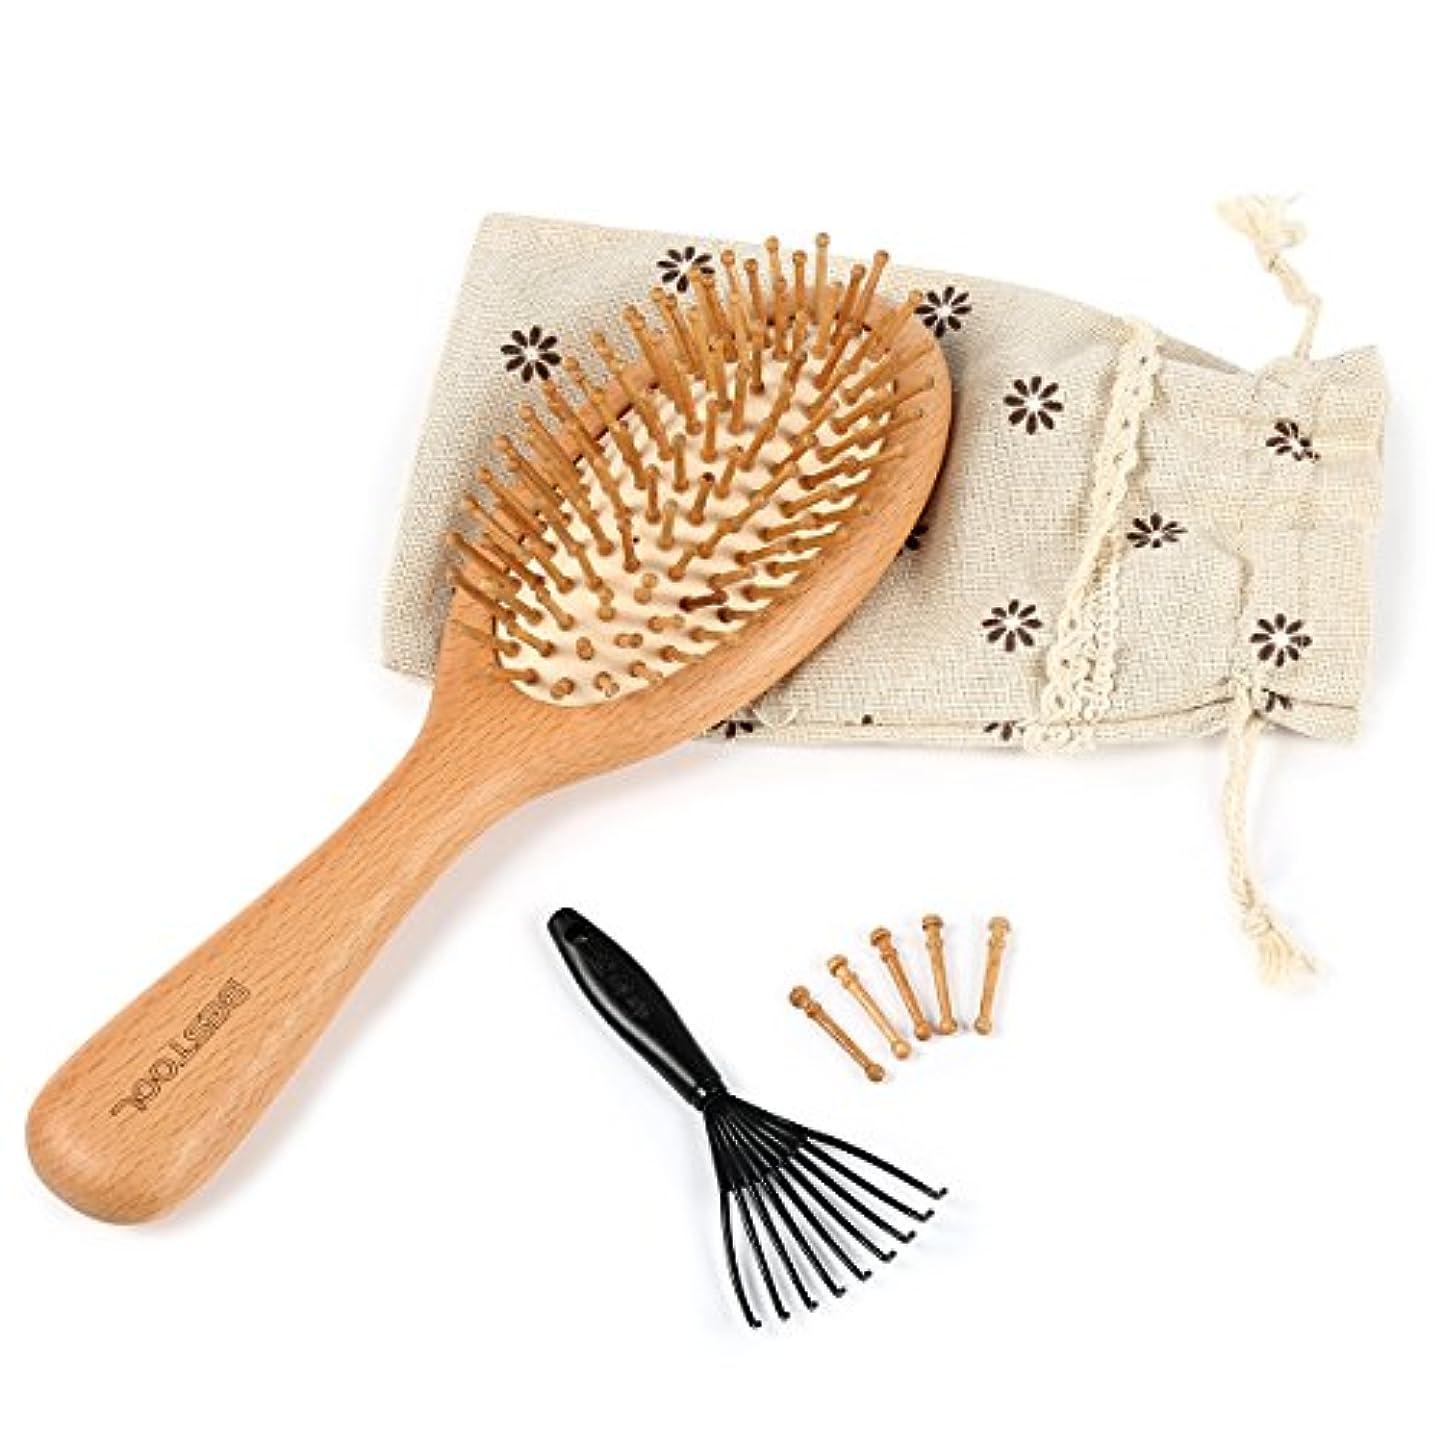 しかしホバードリンクヘアブラシ 木製櫛 Bestool 美髪ケア 頭皮マッサージ 薄毛改善 血流改善 高級ヘアブラシ ヘア保護 (S)